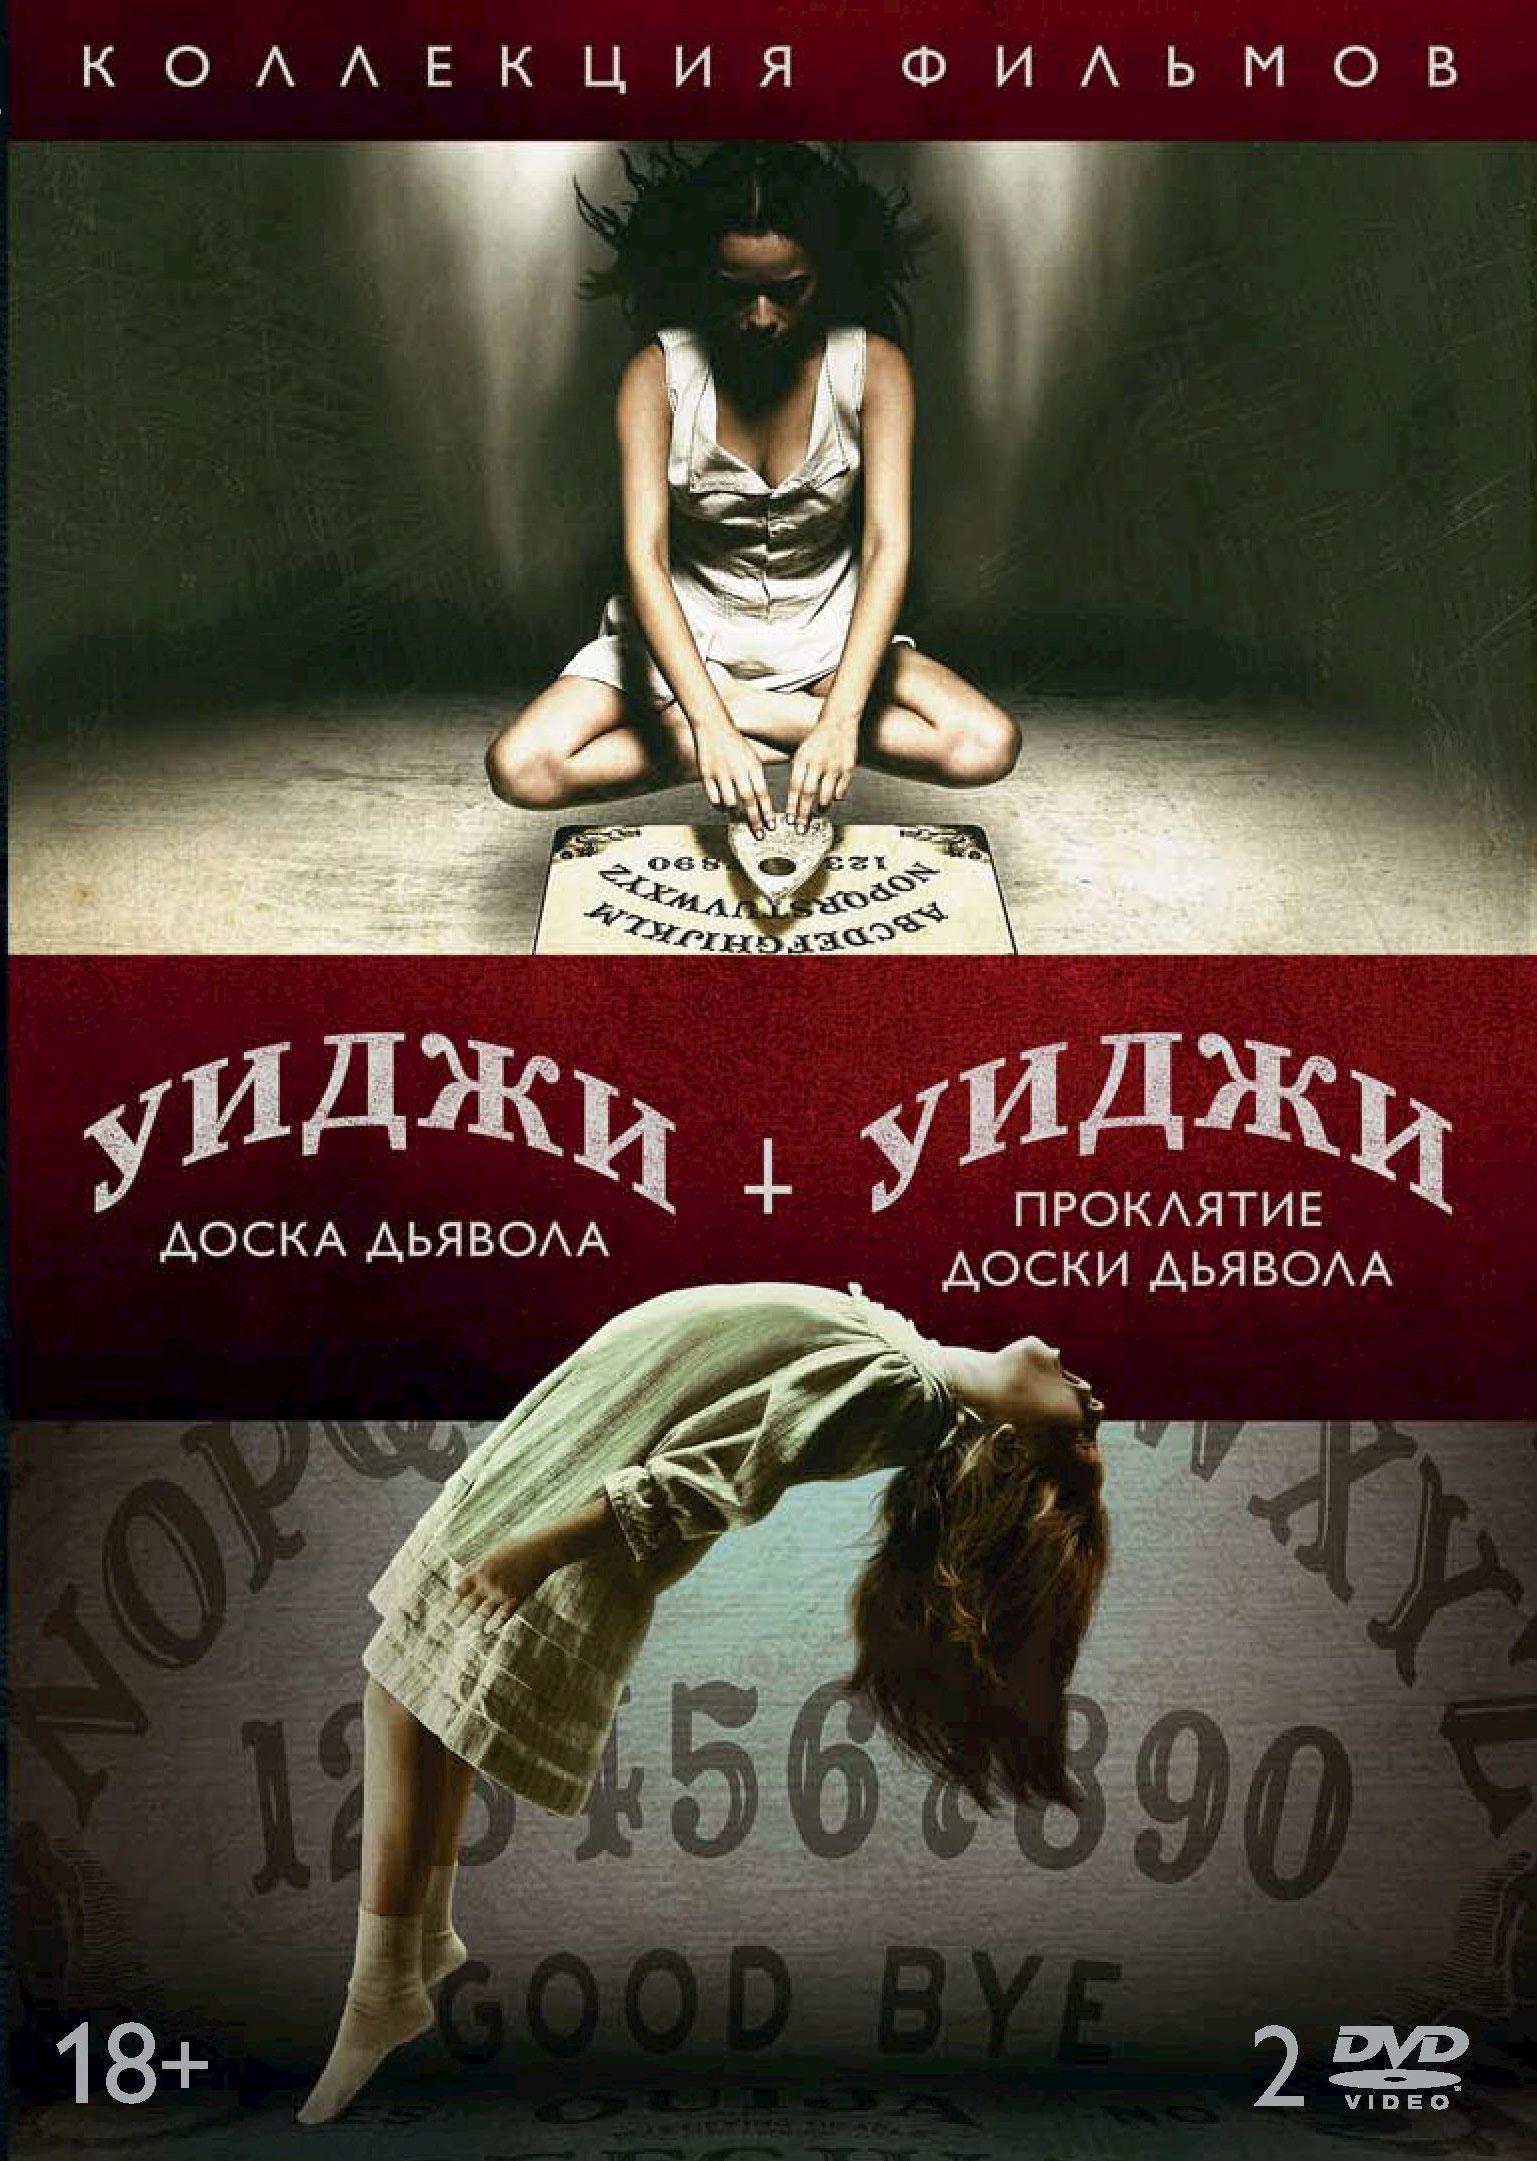 Уиджи: Проклятие доски Дьявола / Уиджи: Доска Дьявола (2 DVD) видеодиски нд плэй экстрасенсы dvd video dvd box